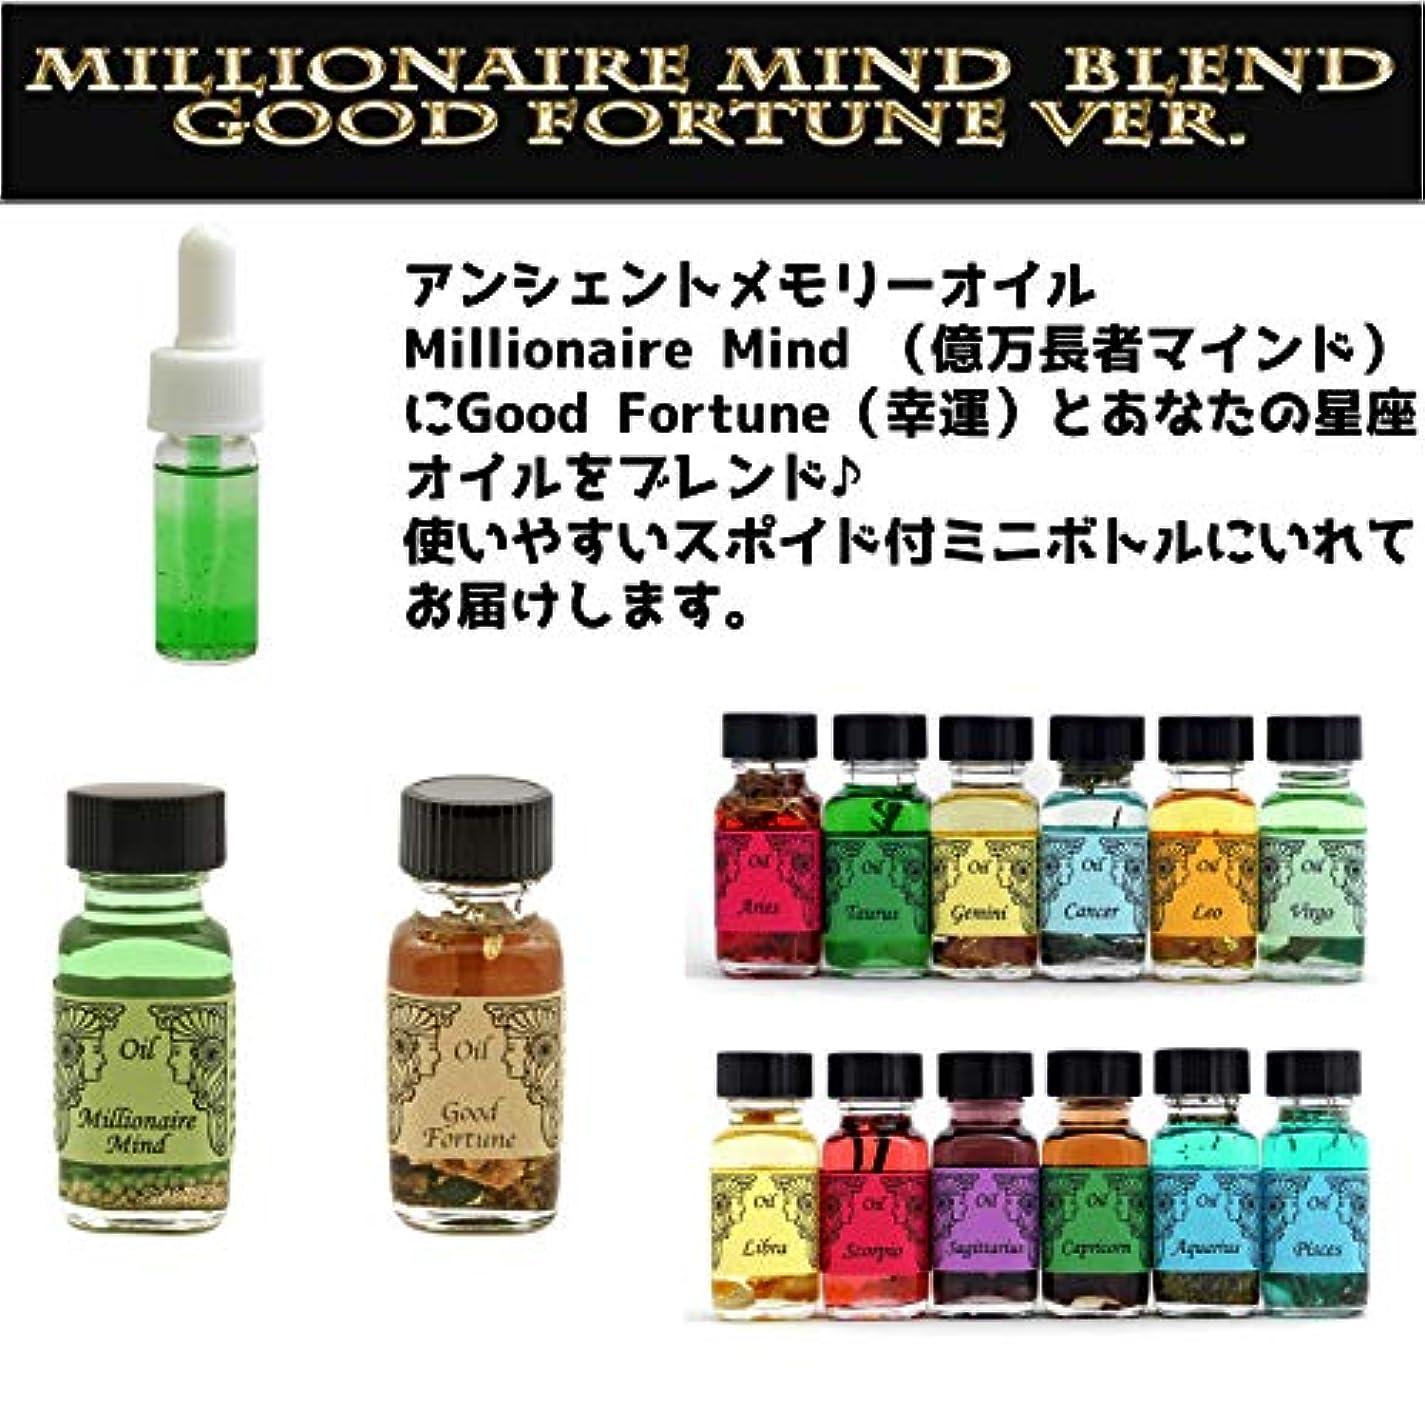 先例感じ合法アンシェントメモリーオイル Millionaire Mind 億万長者マインド ブレンド【Good Fortune グッドフォーチュン 幸運&やぎ座】